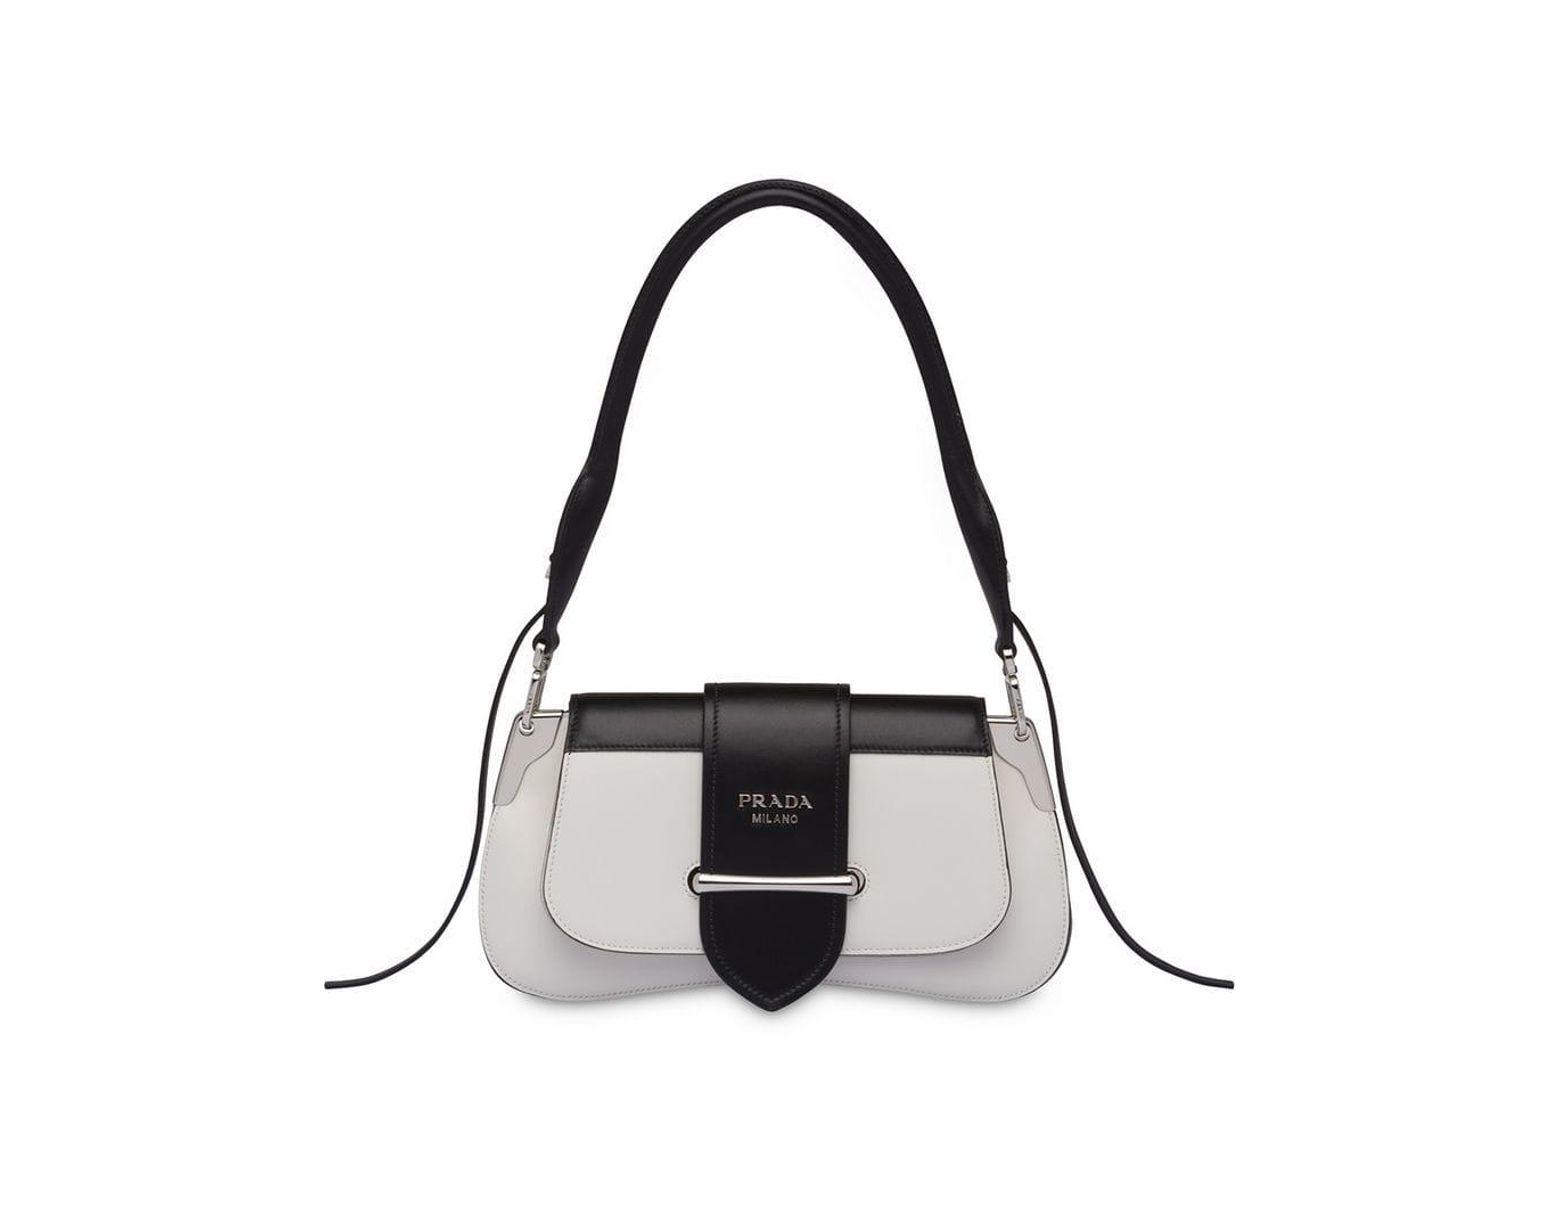 1b05b5568a4 Prada Buckled Sidonie Shoulder Bag in White - Lyst